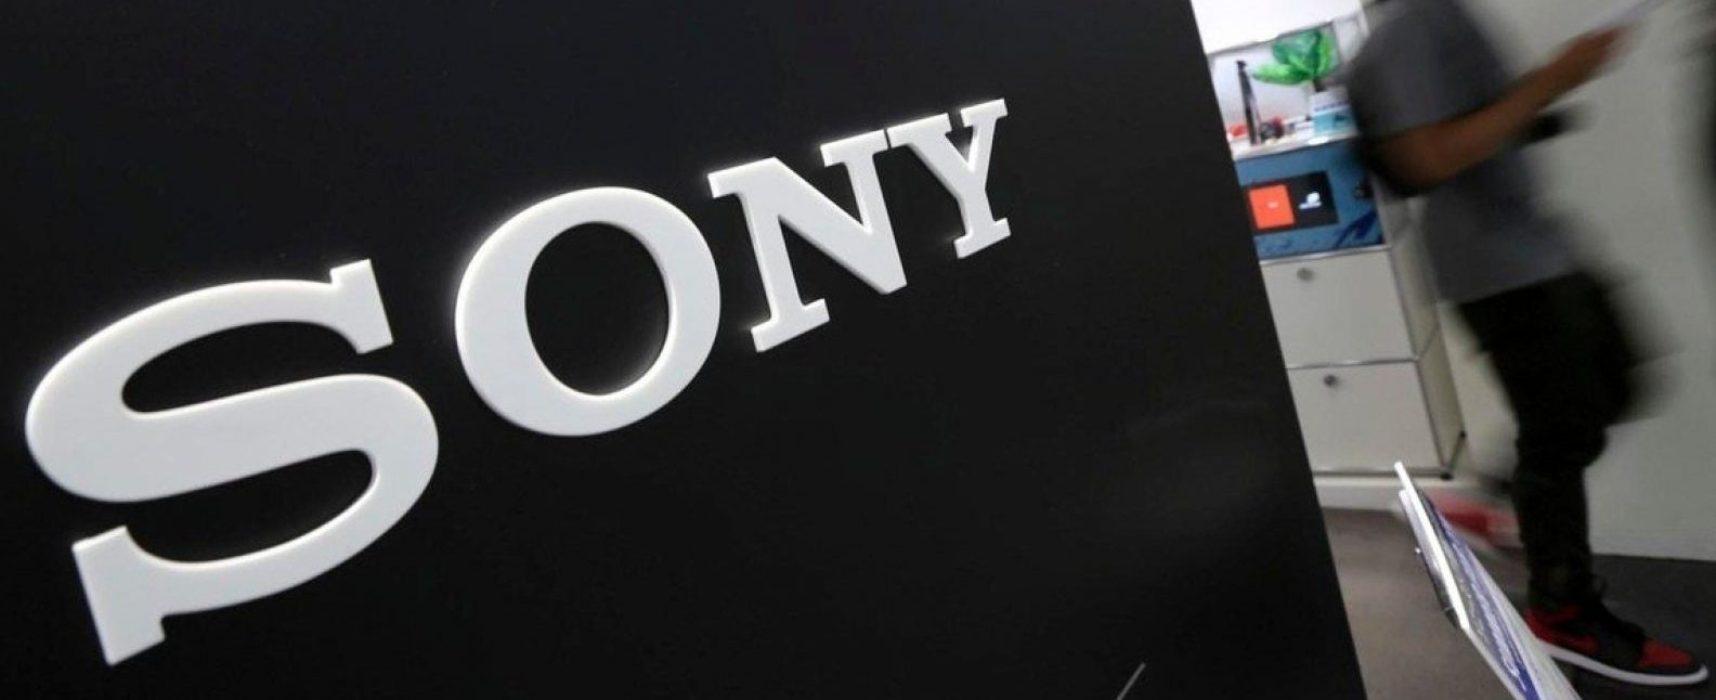 Sony deixará de comercializar produtos no Brasil